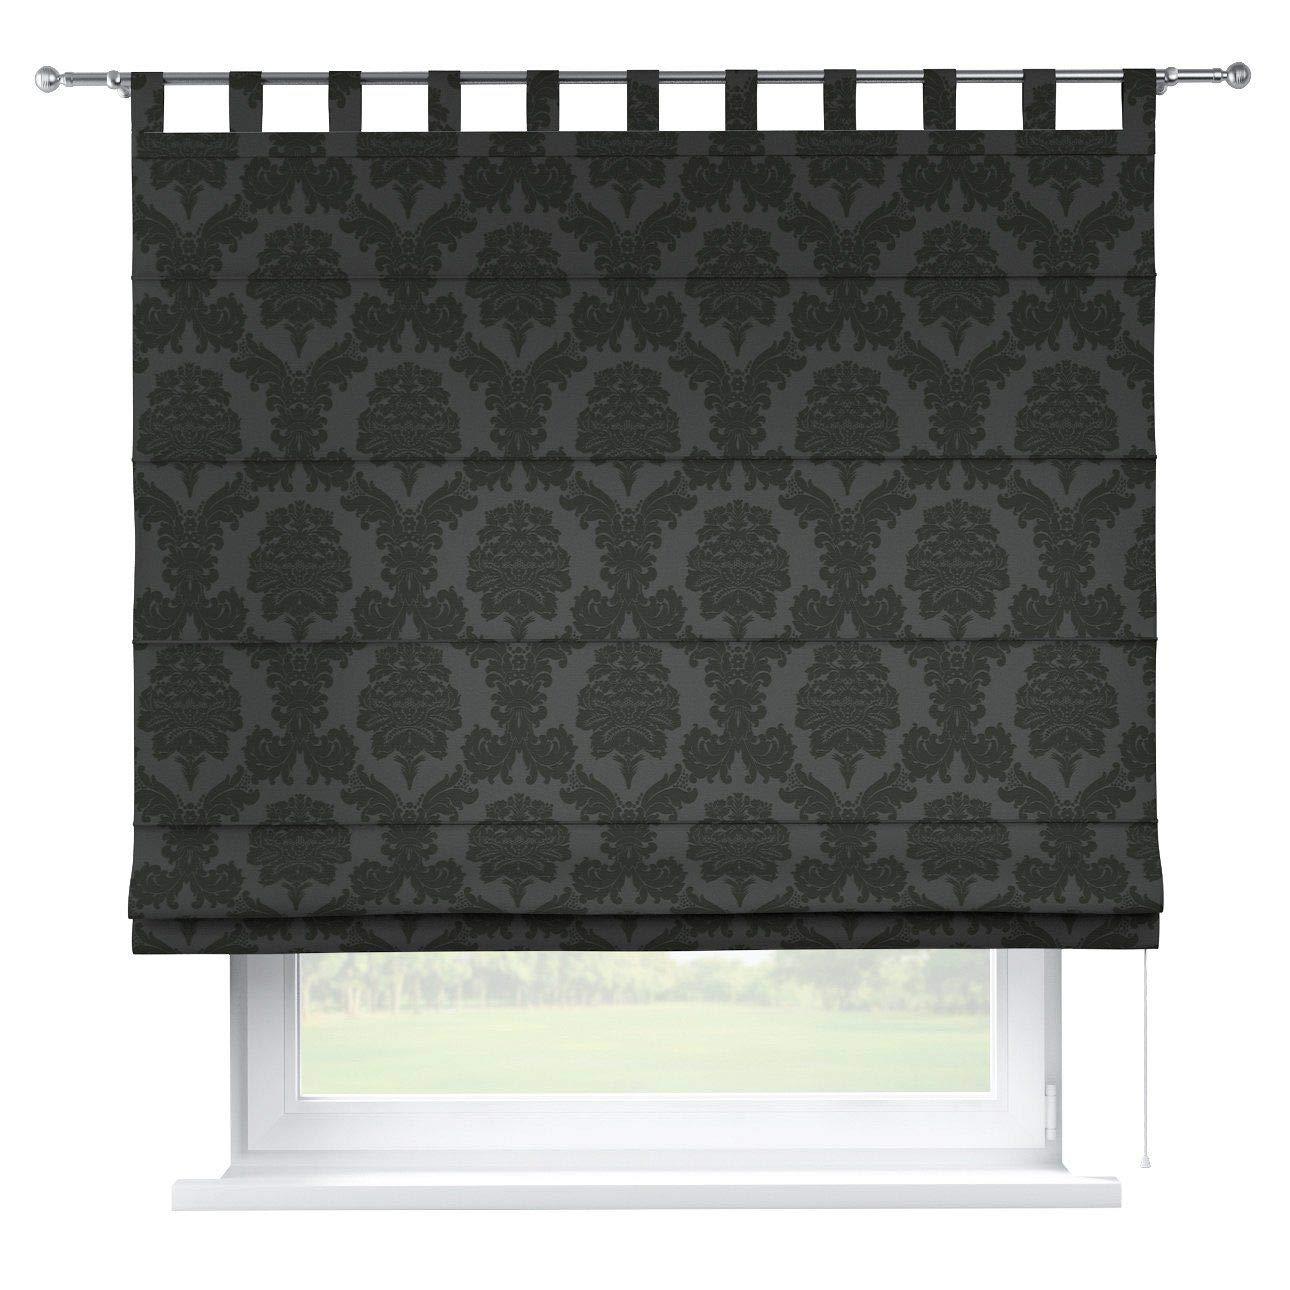 Dekoria Raffrollo Verona ohne Bohren Blickdicht Faltvorhang Raffgardine Wohnzimmer Schlafzimmer Kinderzimmer 130 × 170 cm schwarz Raffrollos auf Maß maßanfertigung möglich